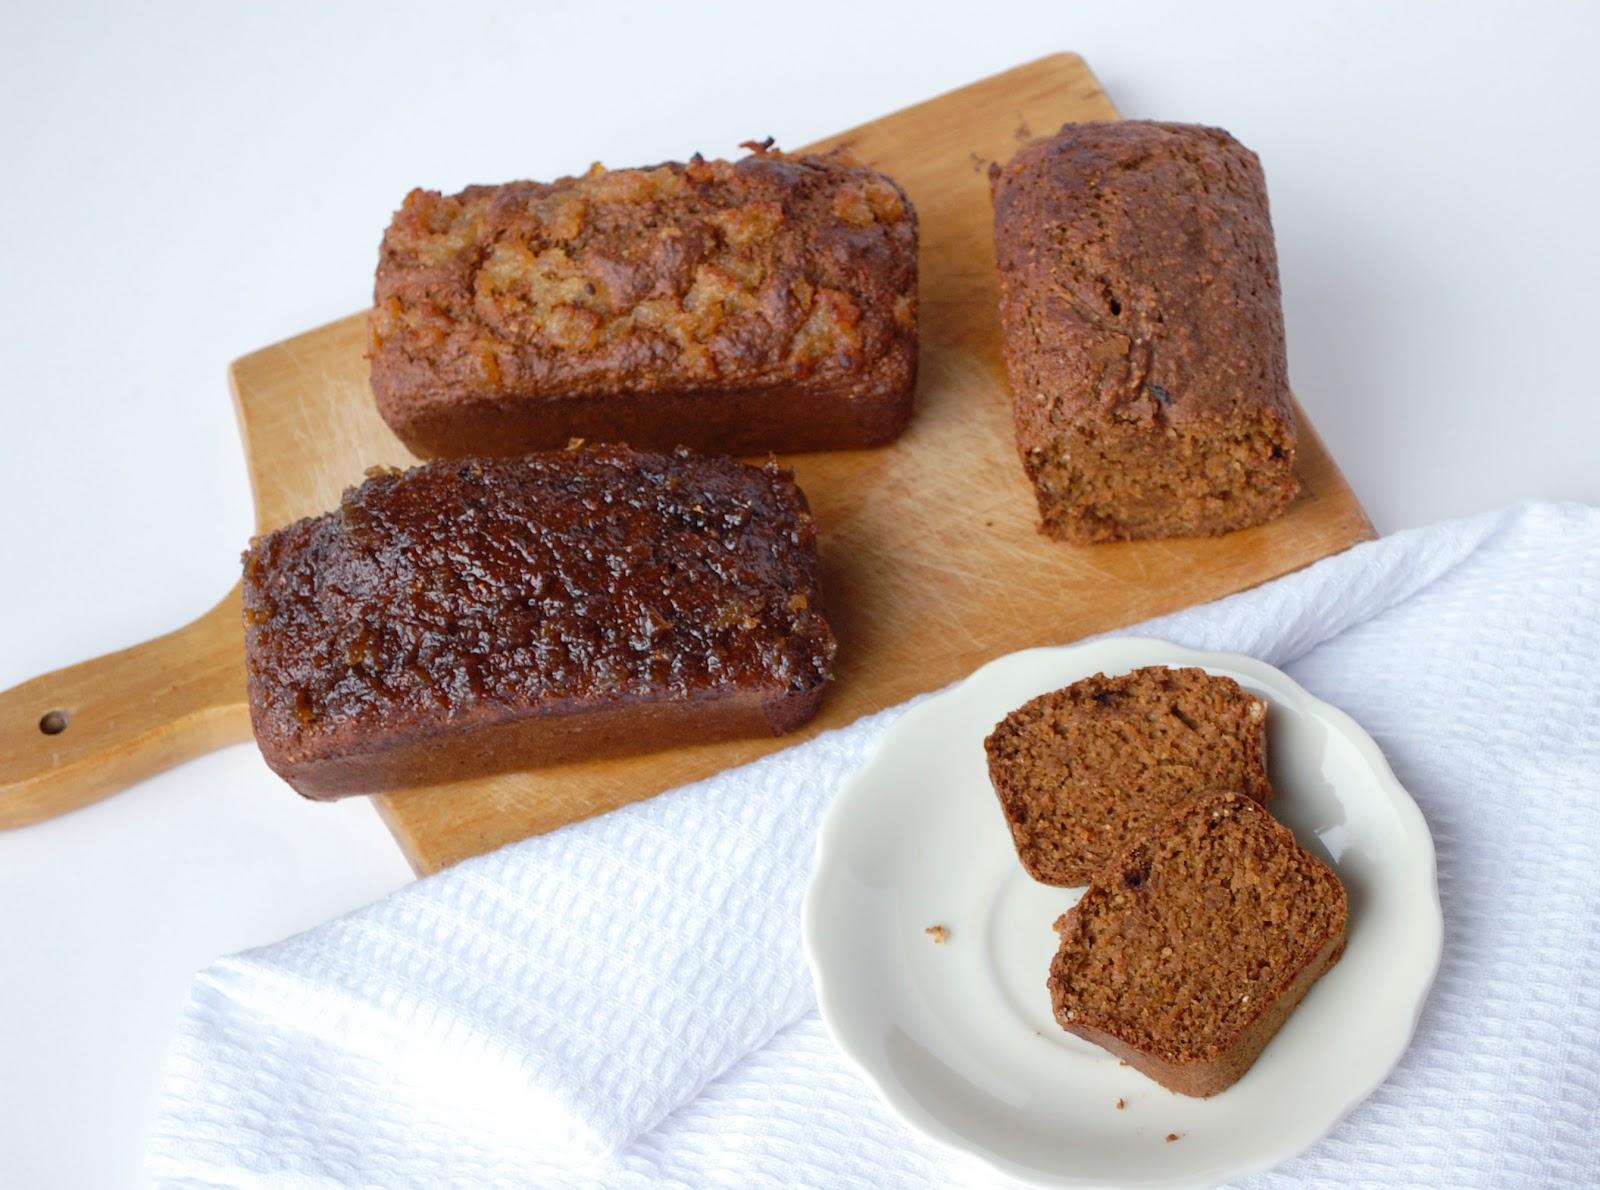 Gingerbread loaf | including cake